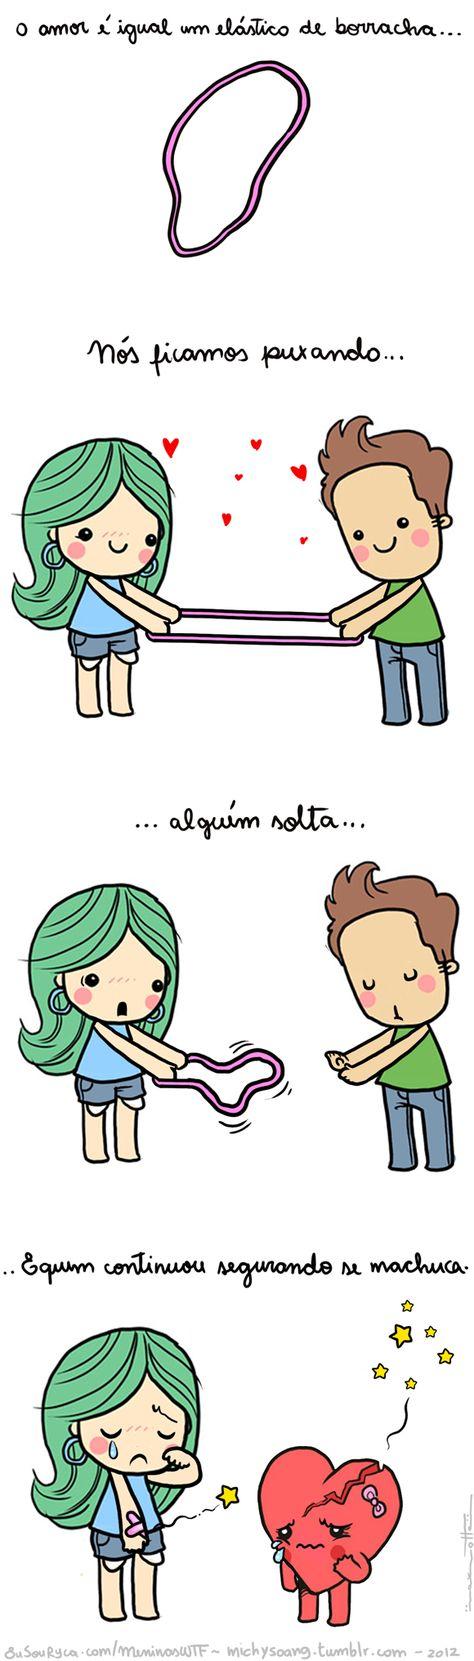 Amor =(